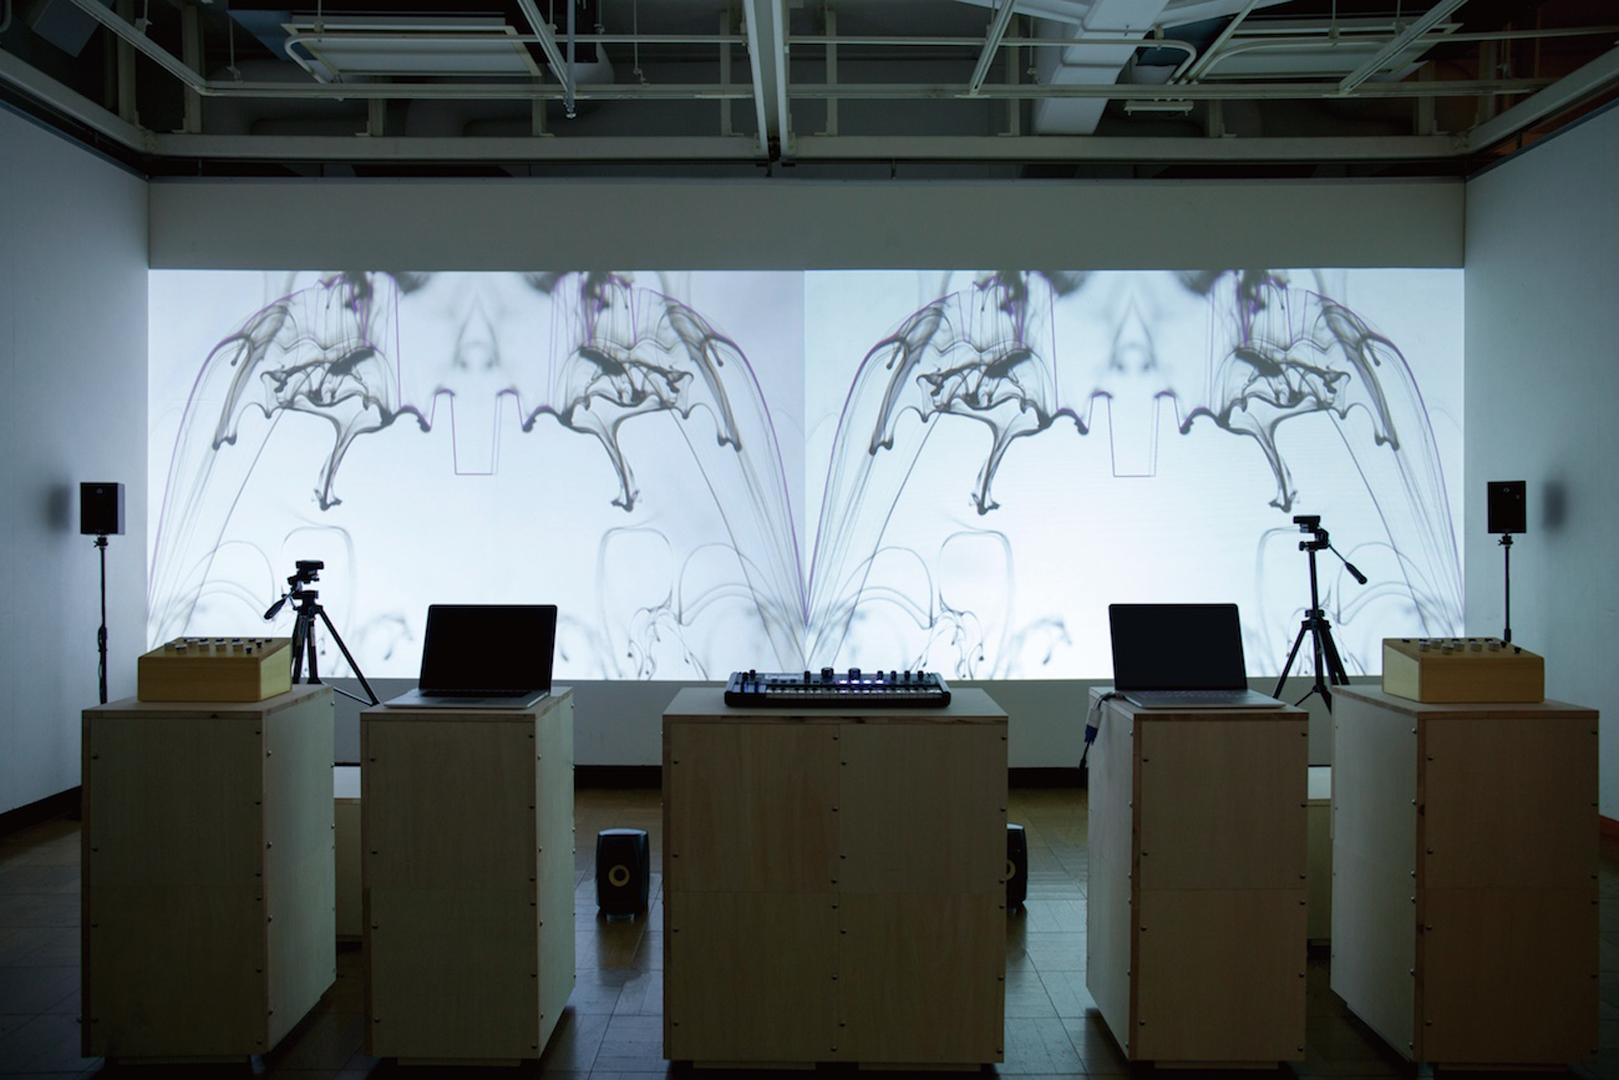 ©2015, Katsufumi Matsui and Tatsuya Ogusu, Boundary Synthesizer II